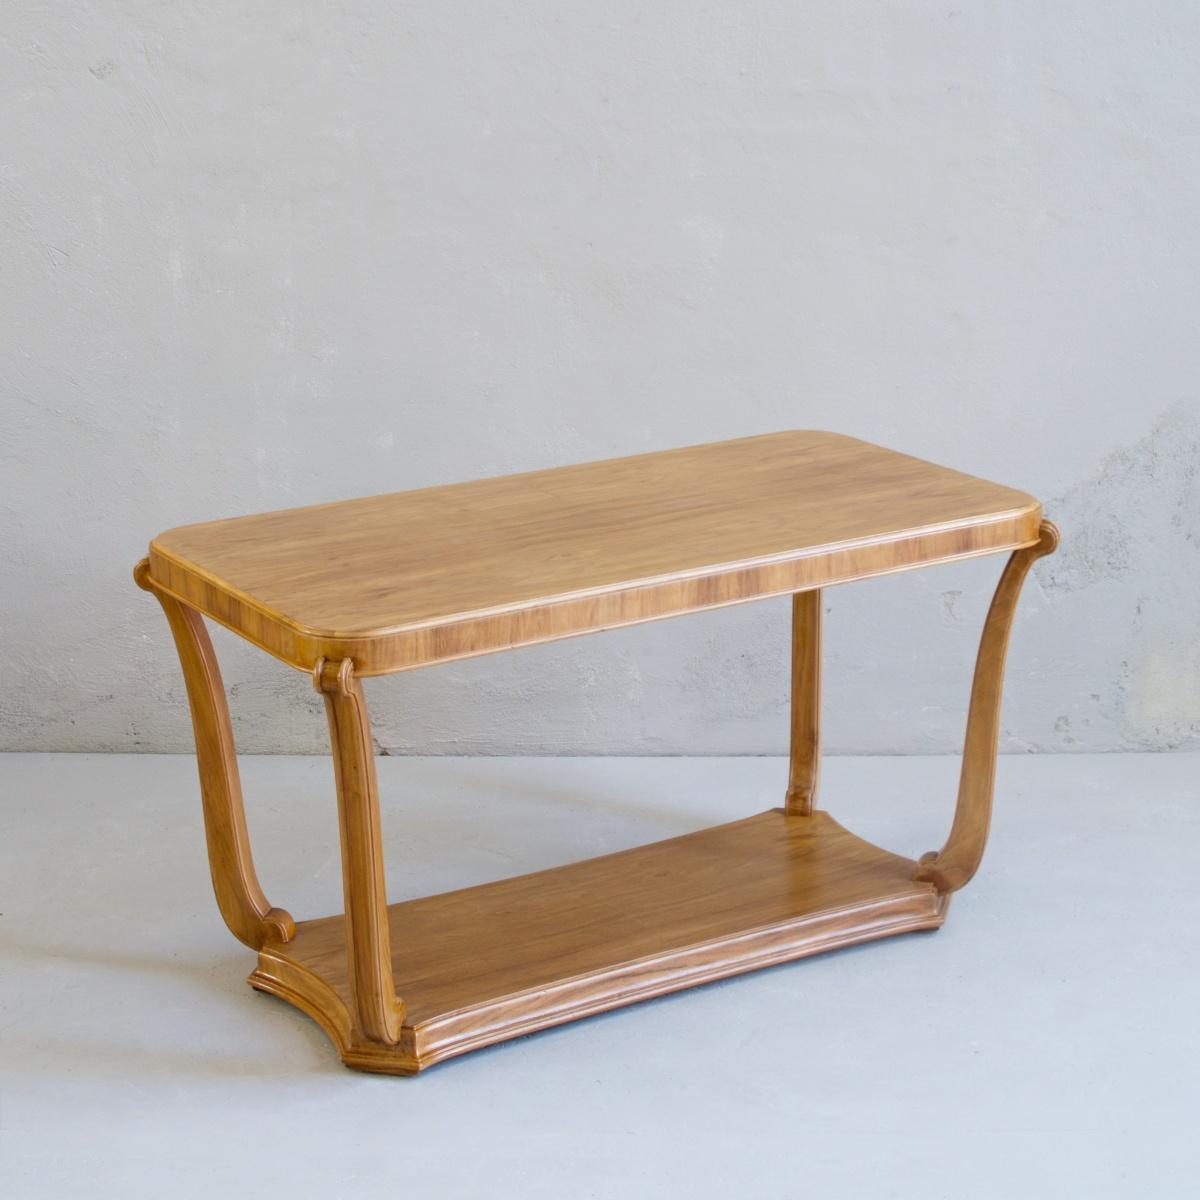 Prodej Anglického nábytku Vintage stolek